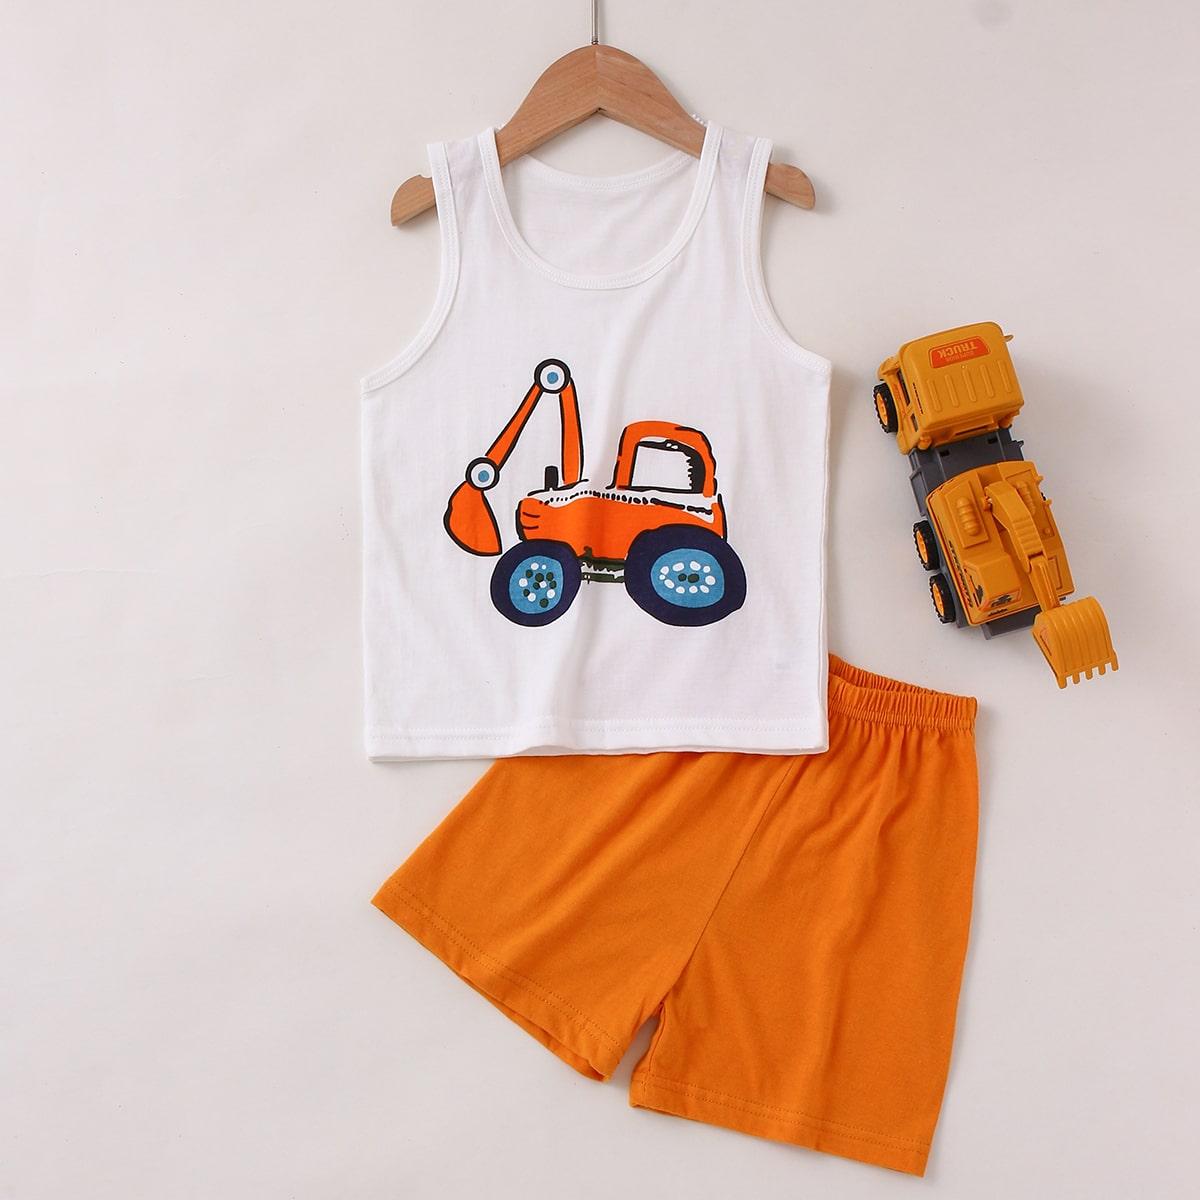 Пижама с принтом экскаватора для мальчиков